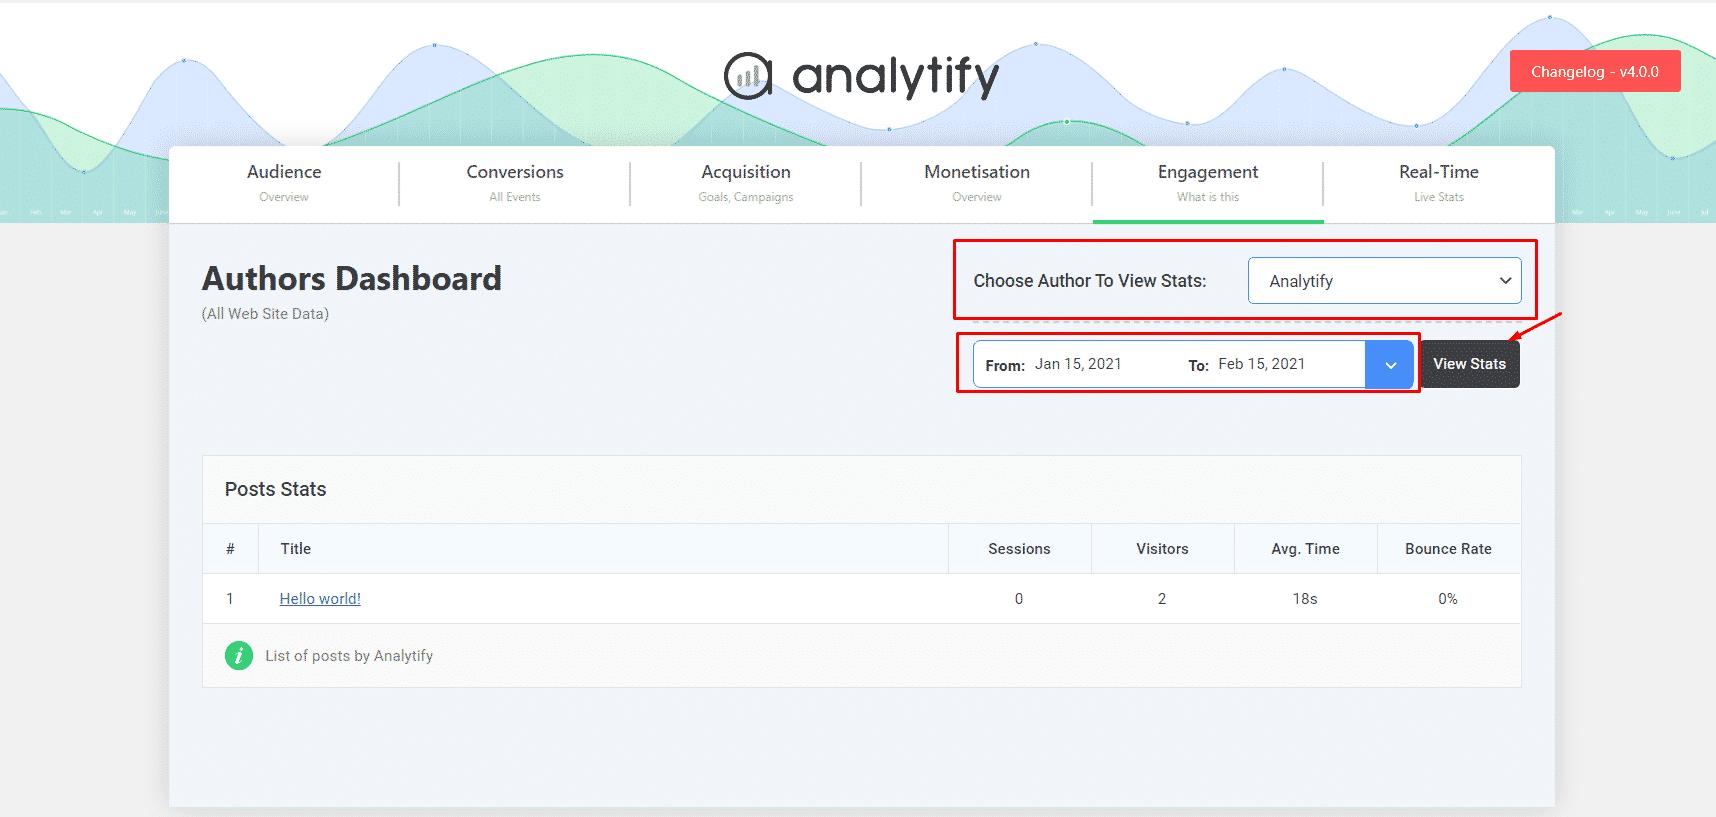 Authors Analytics